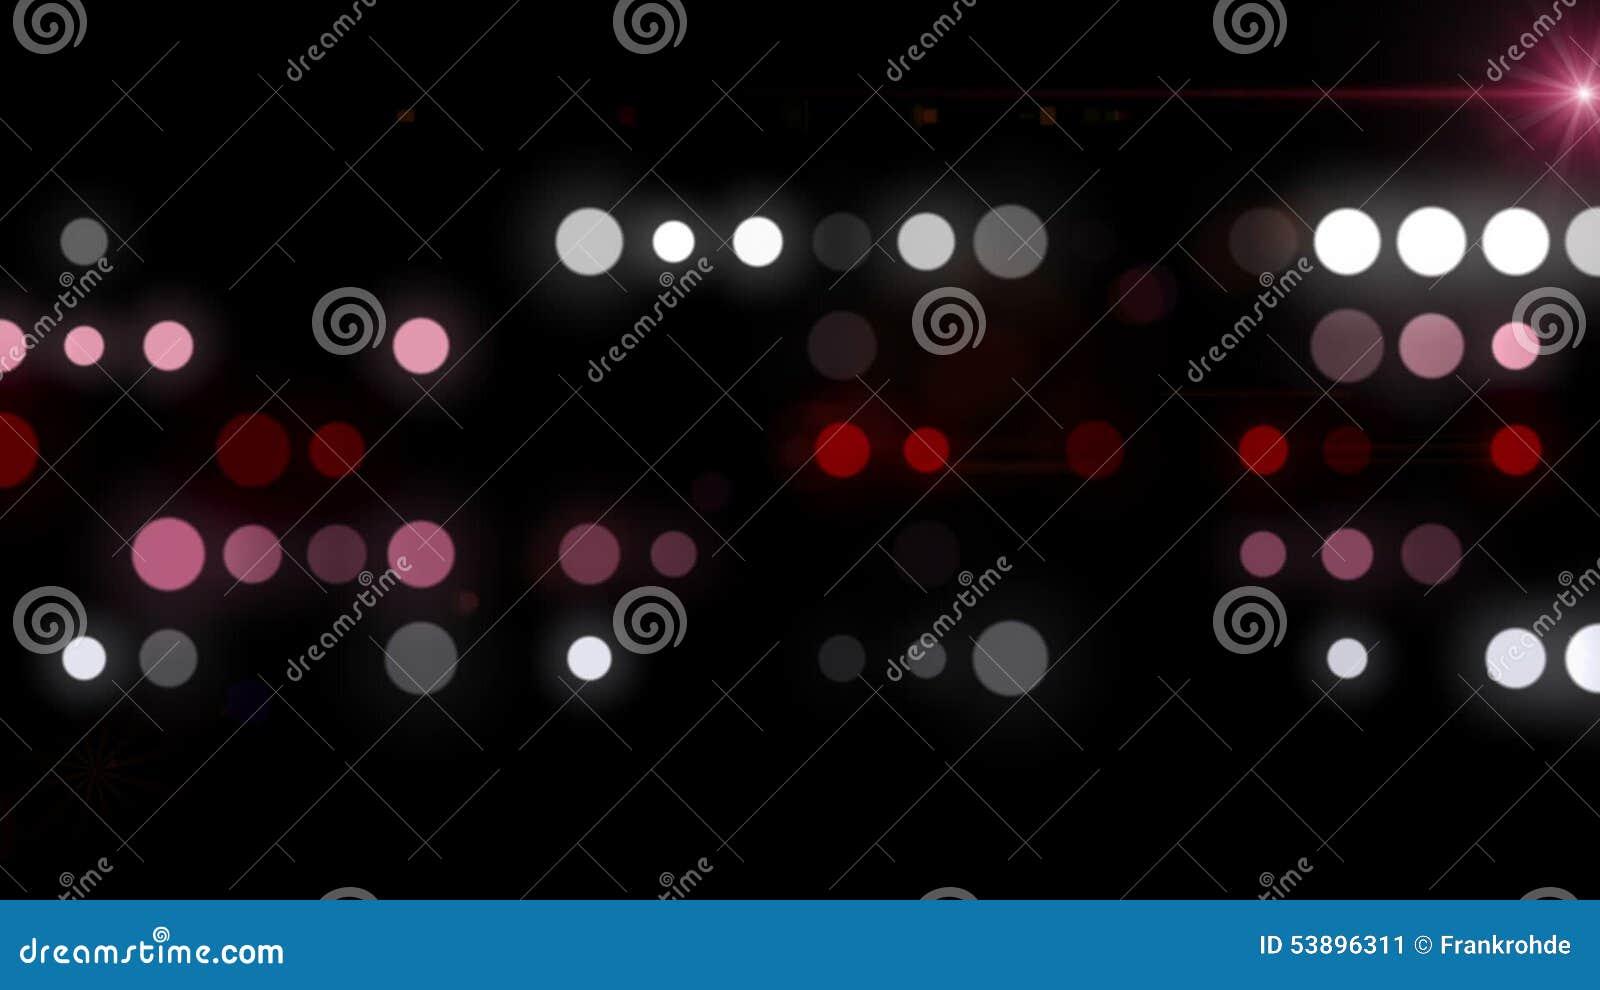 Fantastische Animation Mit Blasen Und Licht In Der Bewegung ...